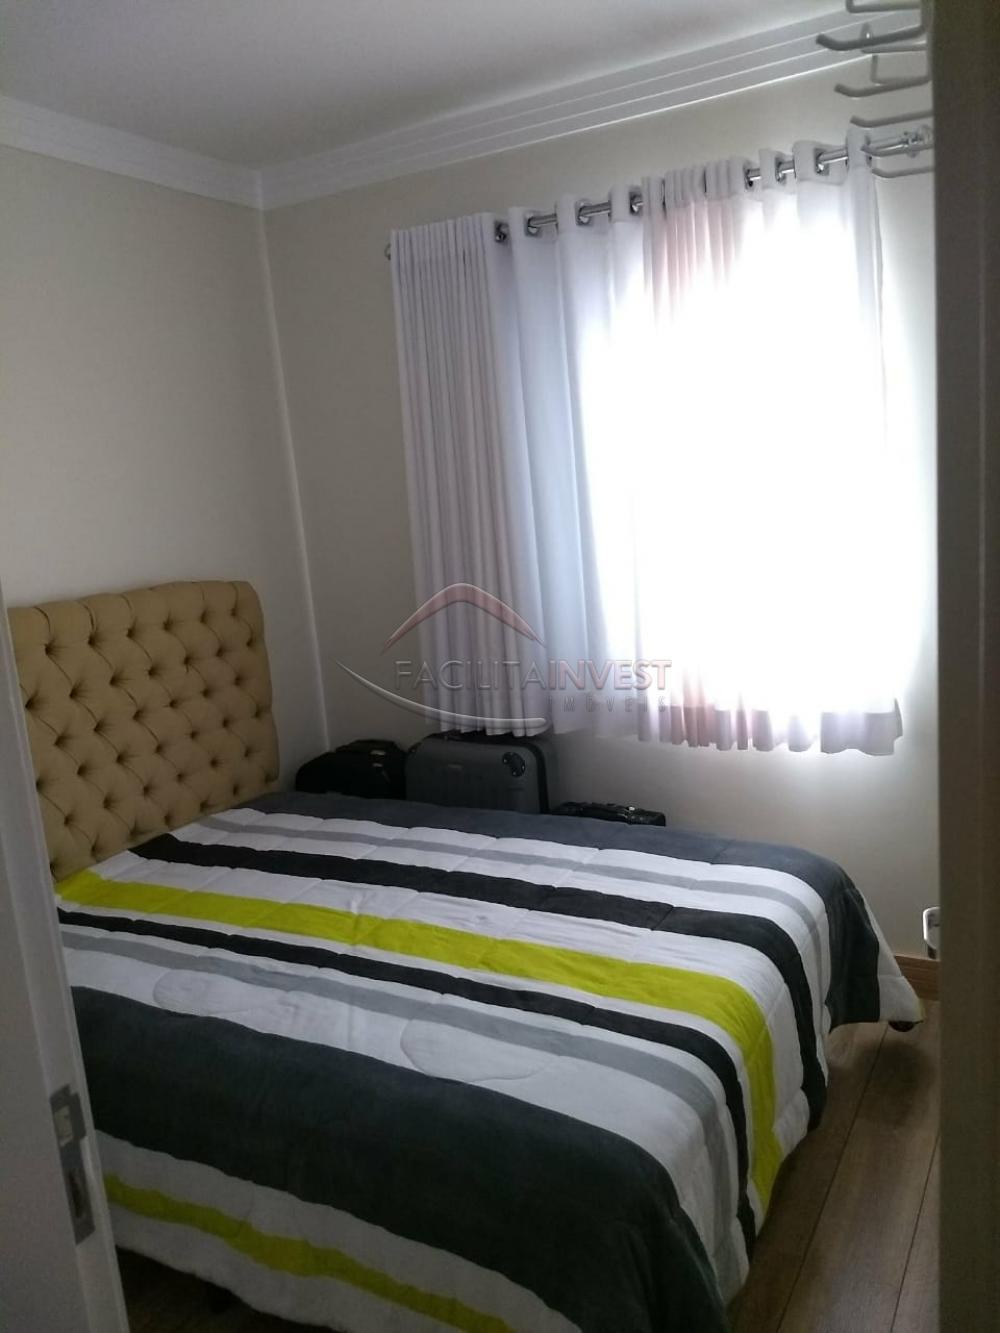 Comprar Casa Condomínio / Casa Condomínio em Ribeirão Preto apenas R$ 540.000,00 - Foto 12